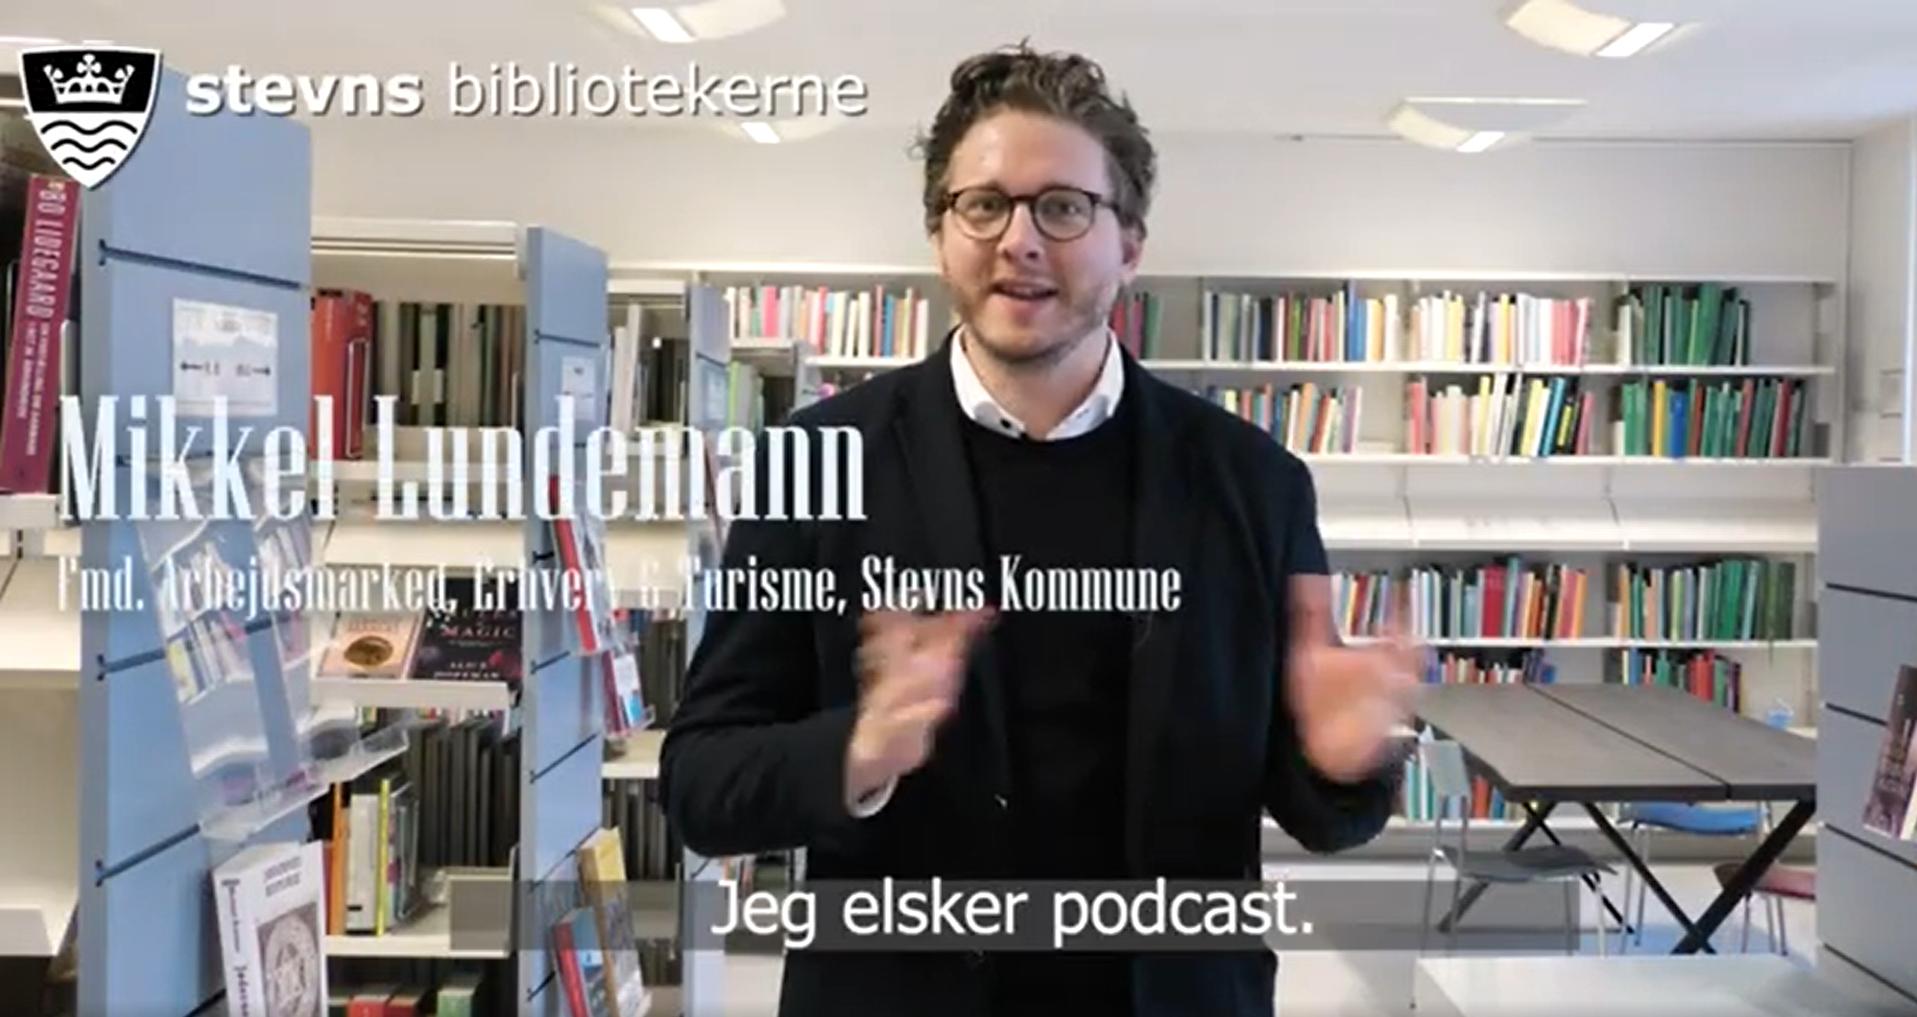 Link til youtube-video med Mikkel Lundemann